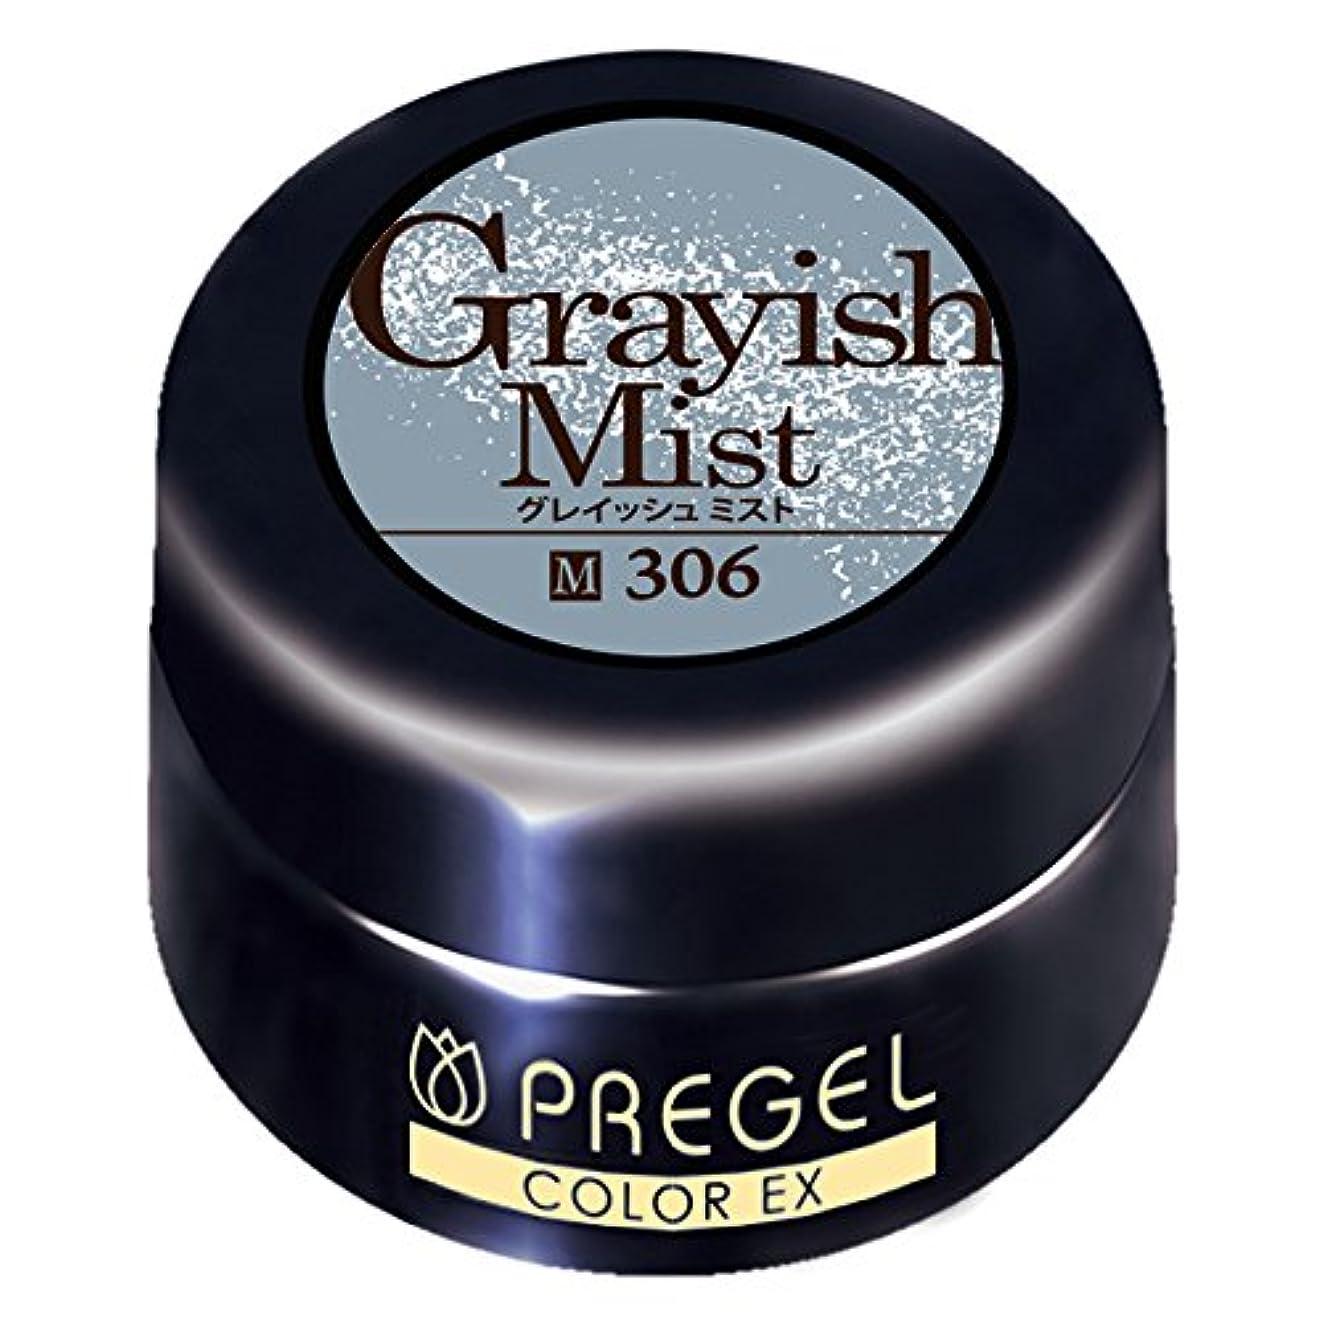 非効率的な長々と喜んでプリジェル ジェルネイル カラーEX グレイッシュミスト 4g PG-CE306